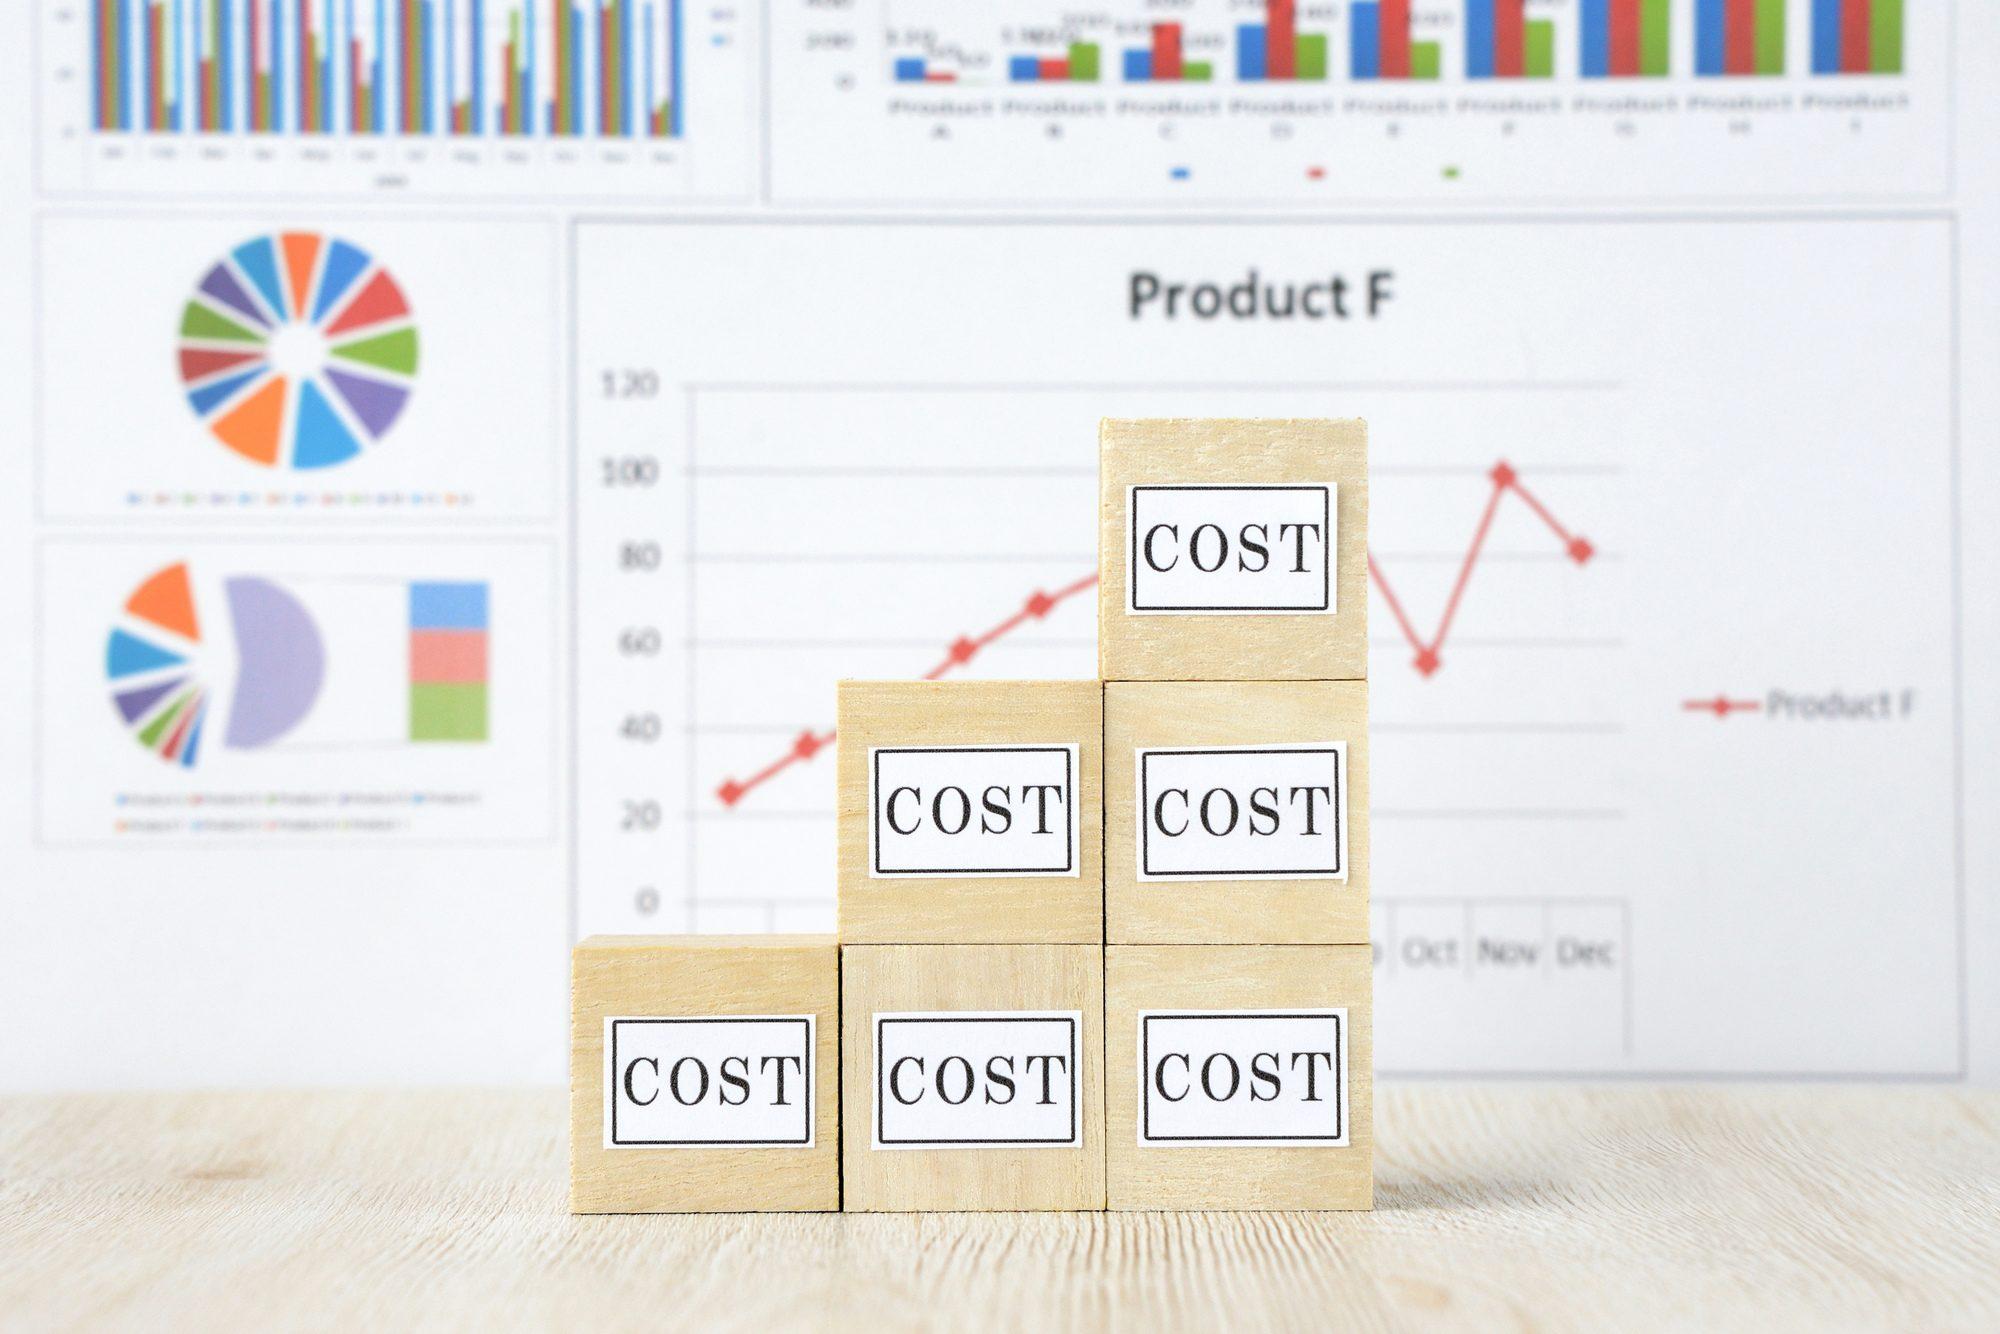 物流コスト削減の視点